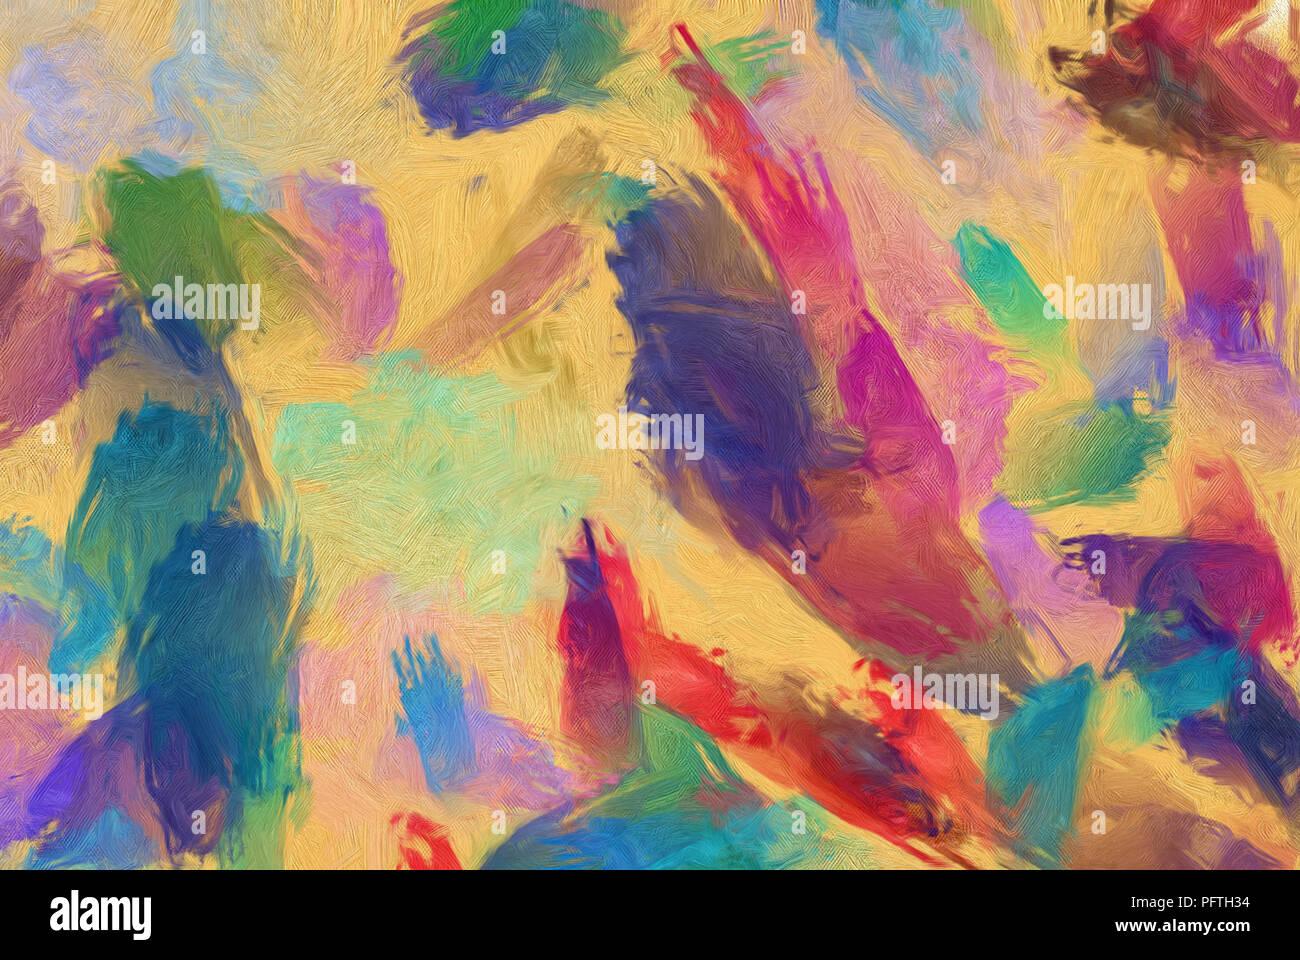 Fondo De Arte Abstracto. Suaves Pinceladas De Pintura